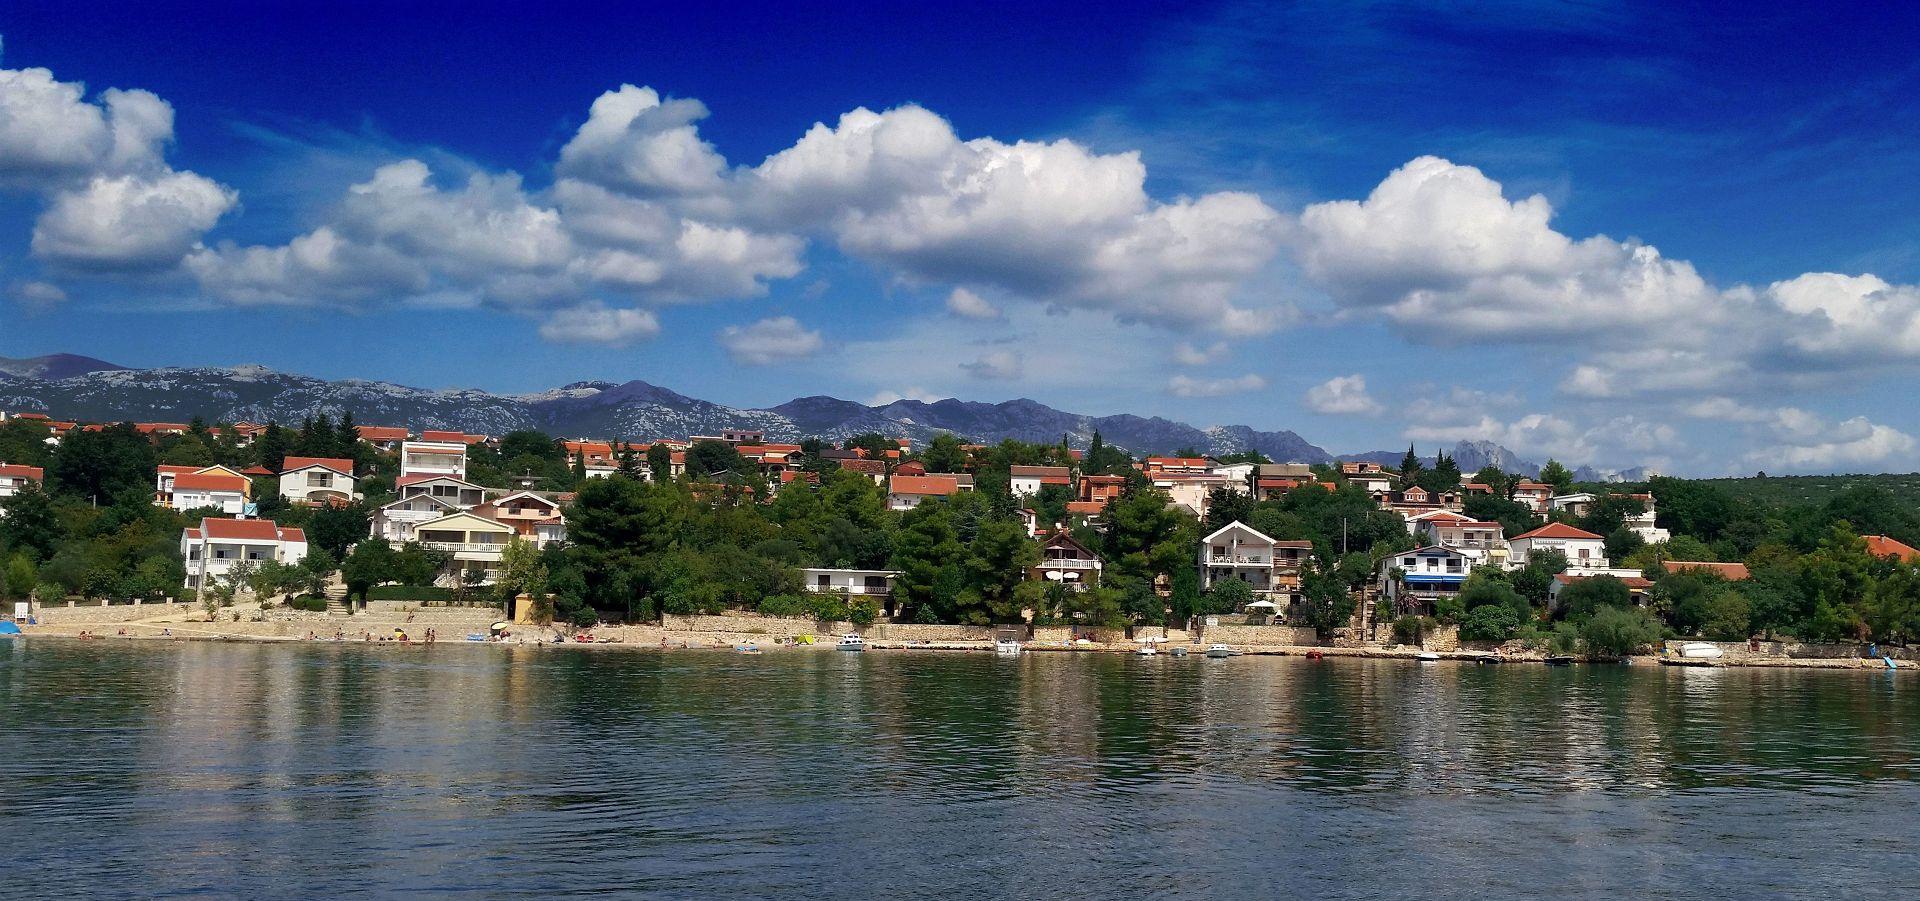 Ferienwohnung Dubravko A1 Bepina (2+2) - Maslenica (817835), Maslenika, , Dalmatien, Kroatien, Bild 2